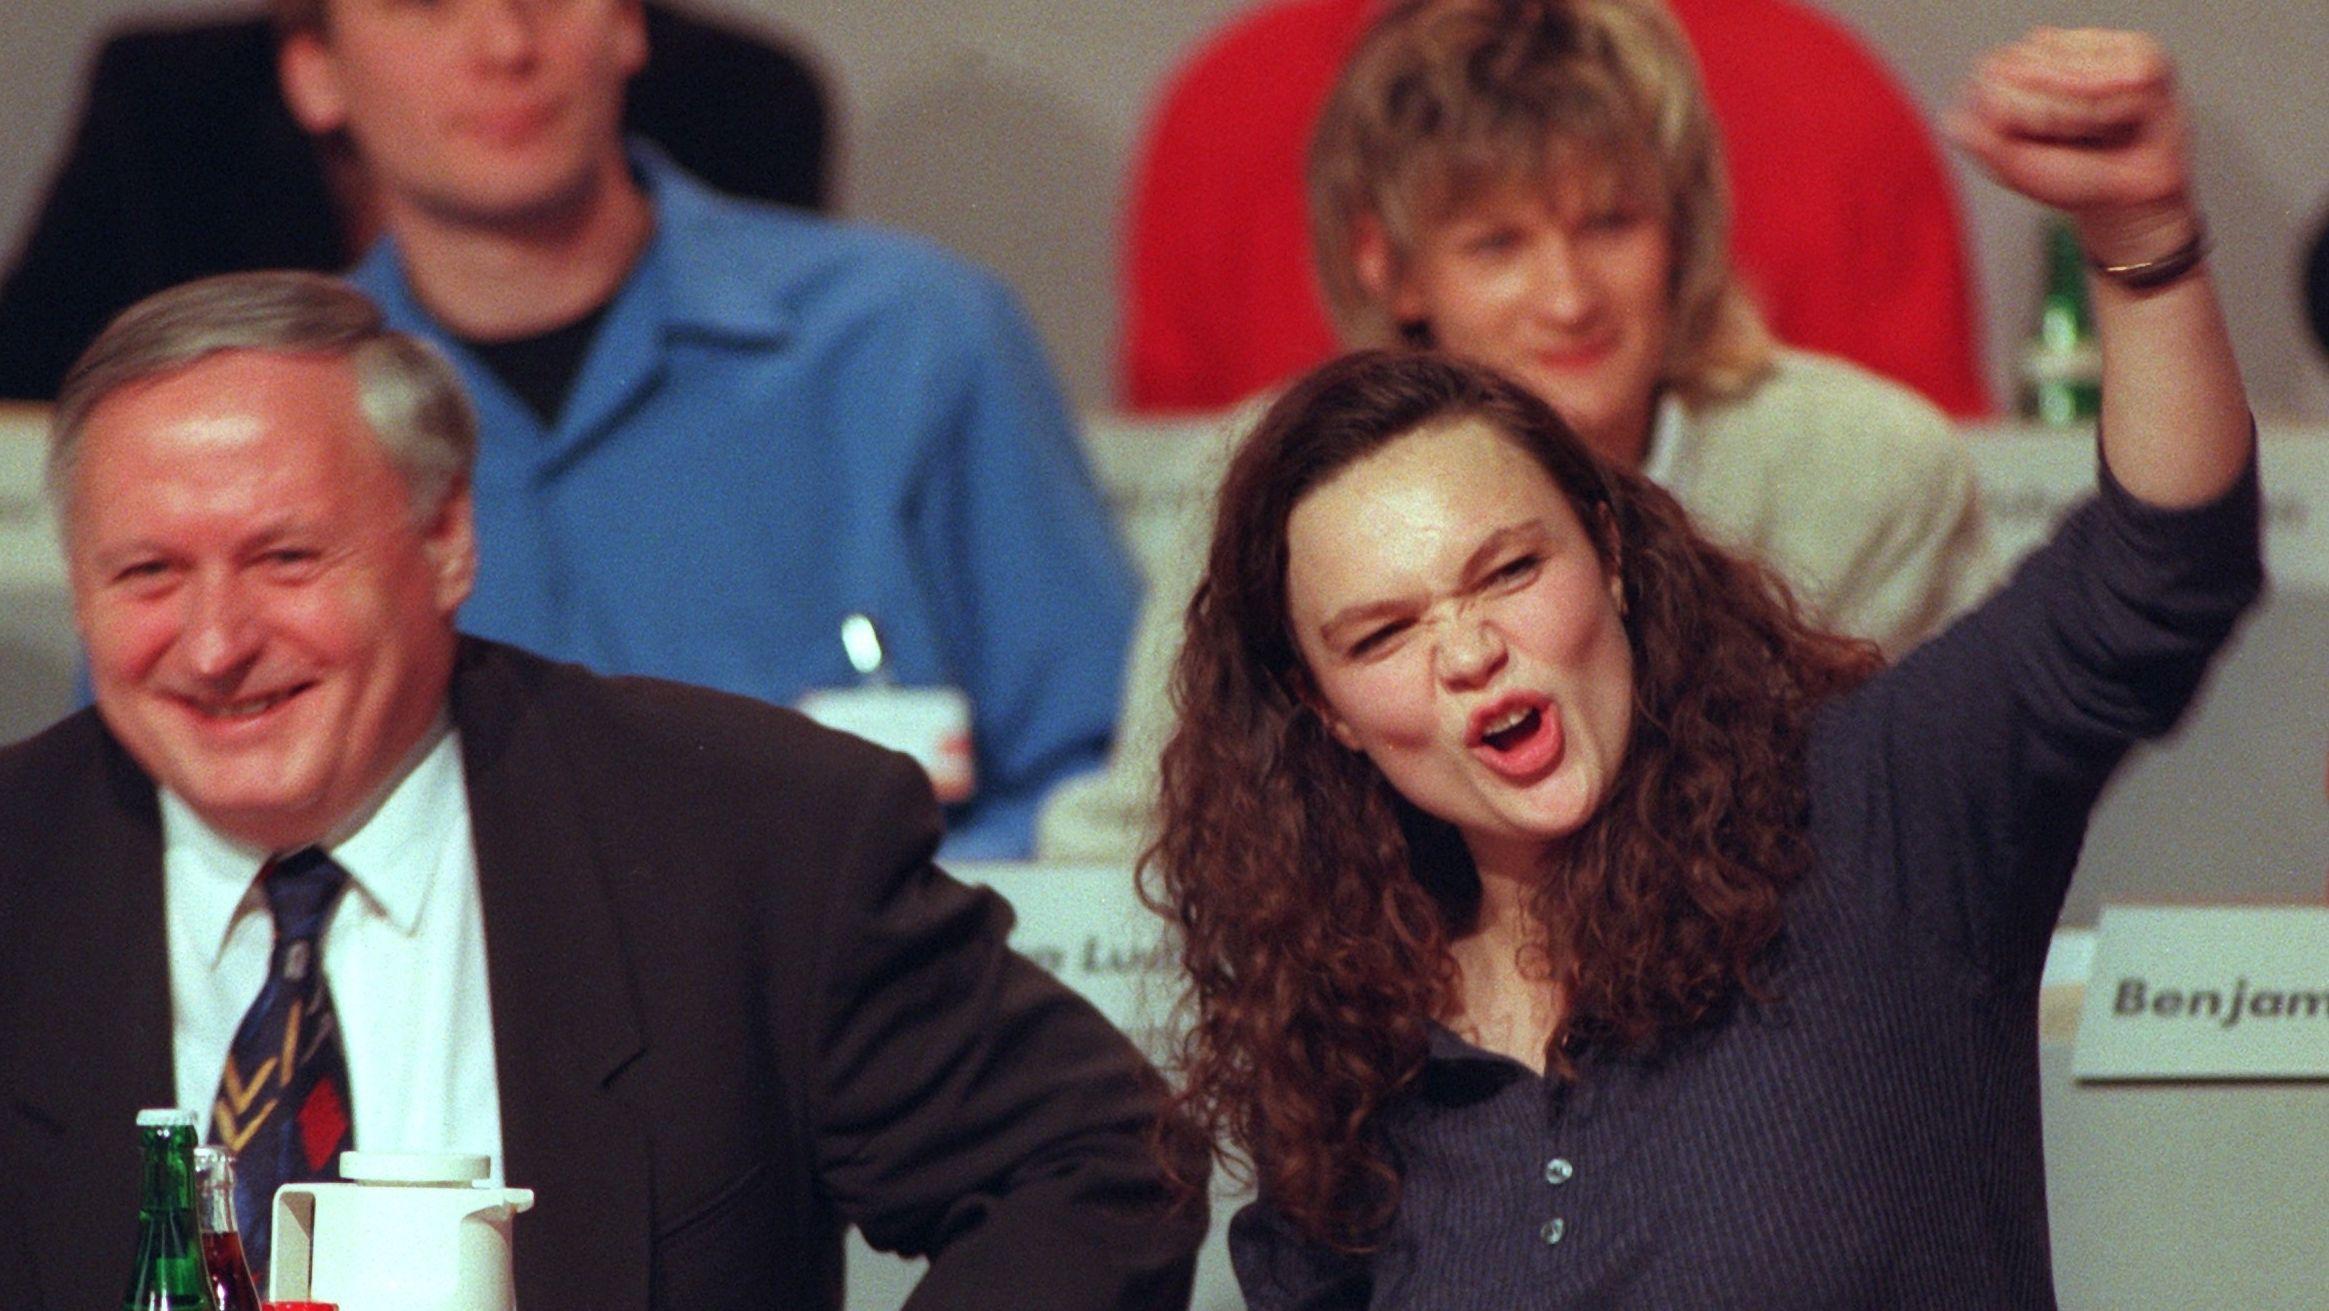 Andrea Nahles neben Oskar Lafontaine. Sie reckt die Faust in die Luft.